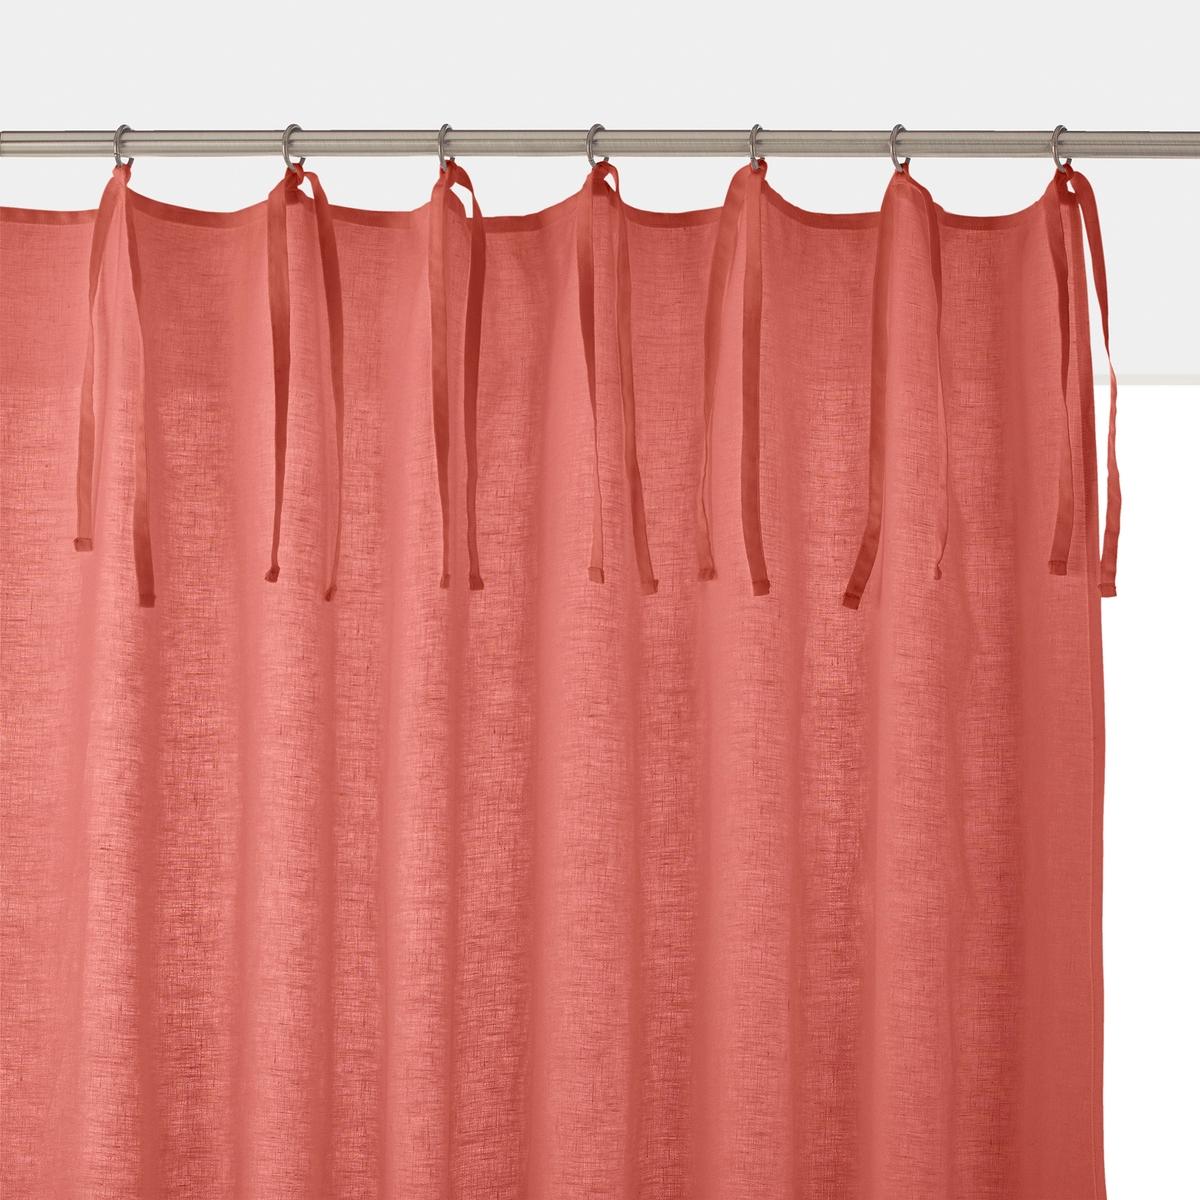 Штора из льна и вискозы с завязками, ODORIE футболка с украшением 55% льна